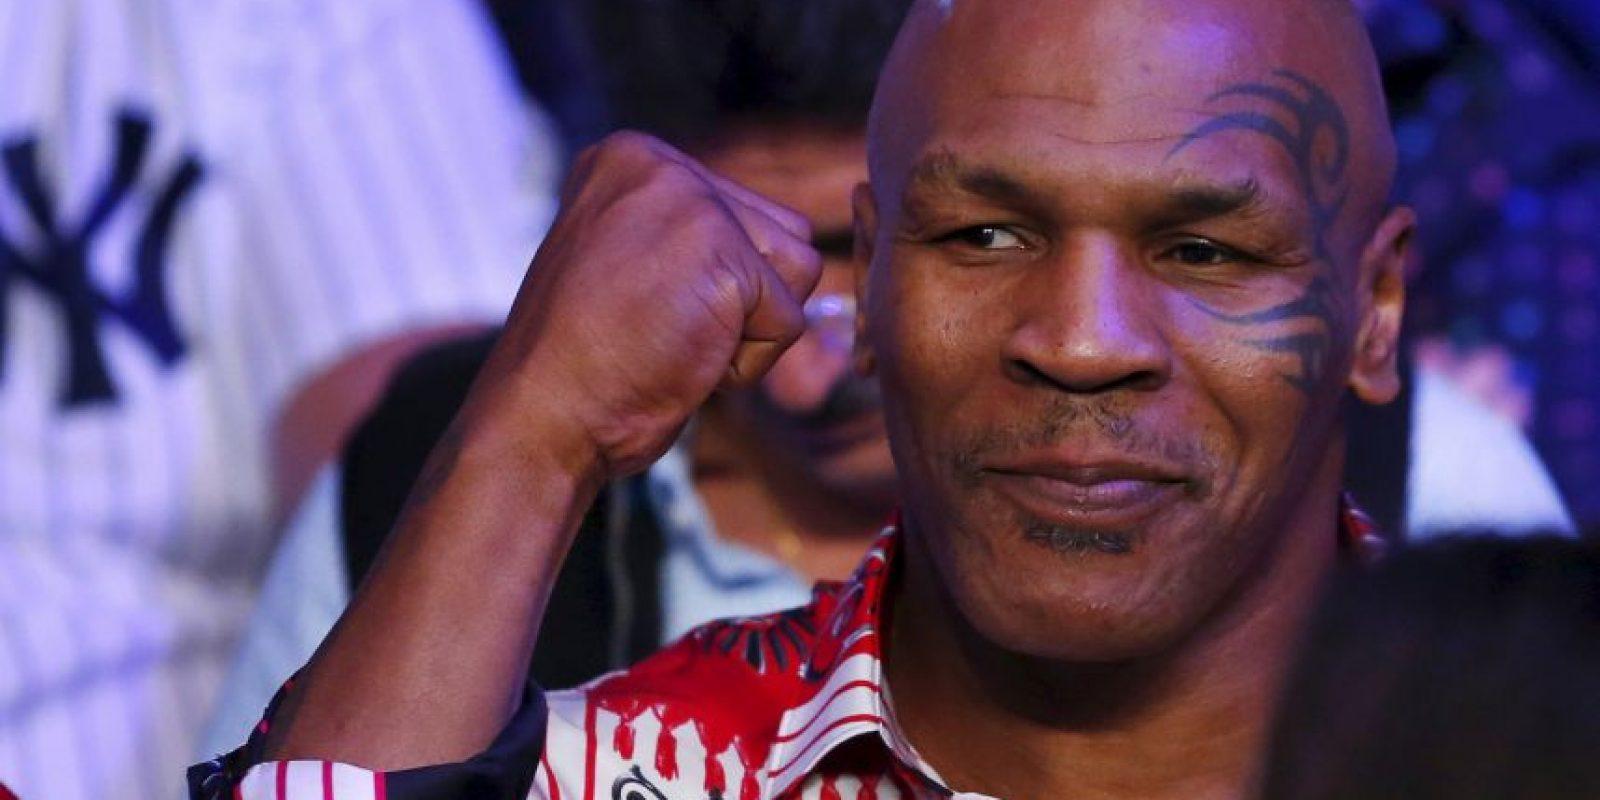 Además, el exboxeador le debía 750 mil dólares a sus abogados y otros 300 mil en lujos como estéticas o inmuebles. Su fortuna actual es de un 1 millón de dólares. Foto:Getty Images